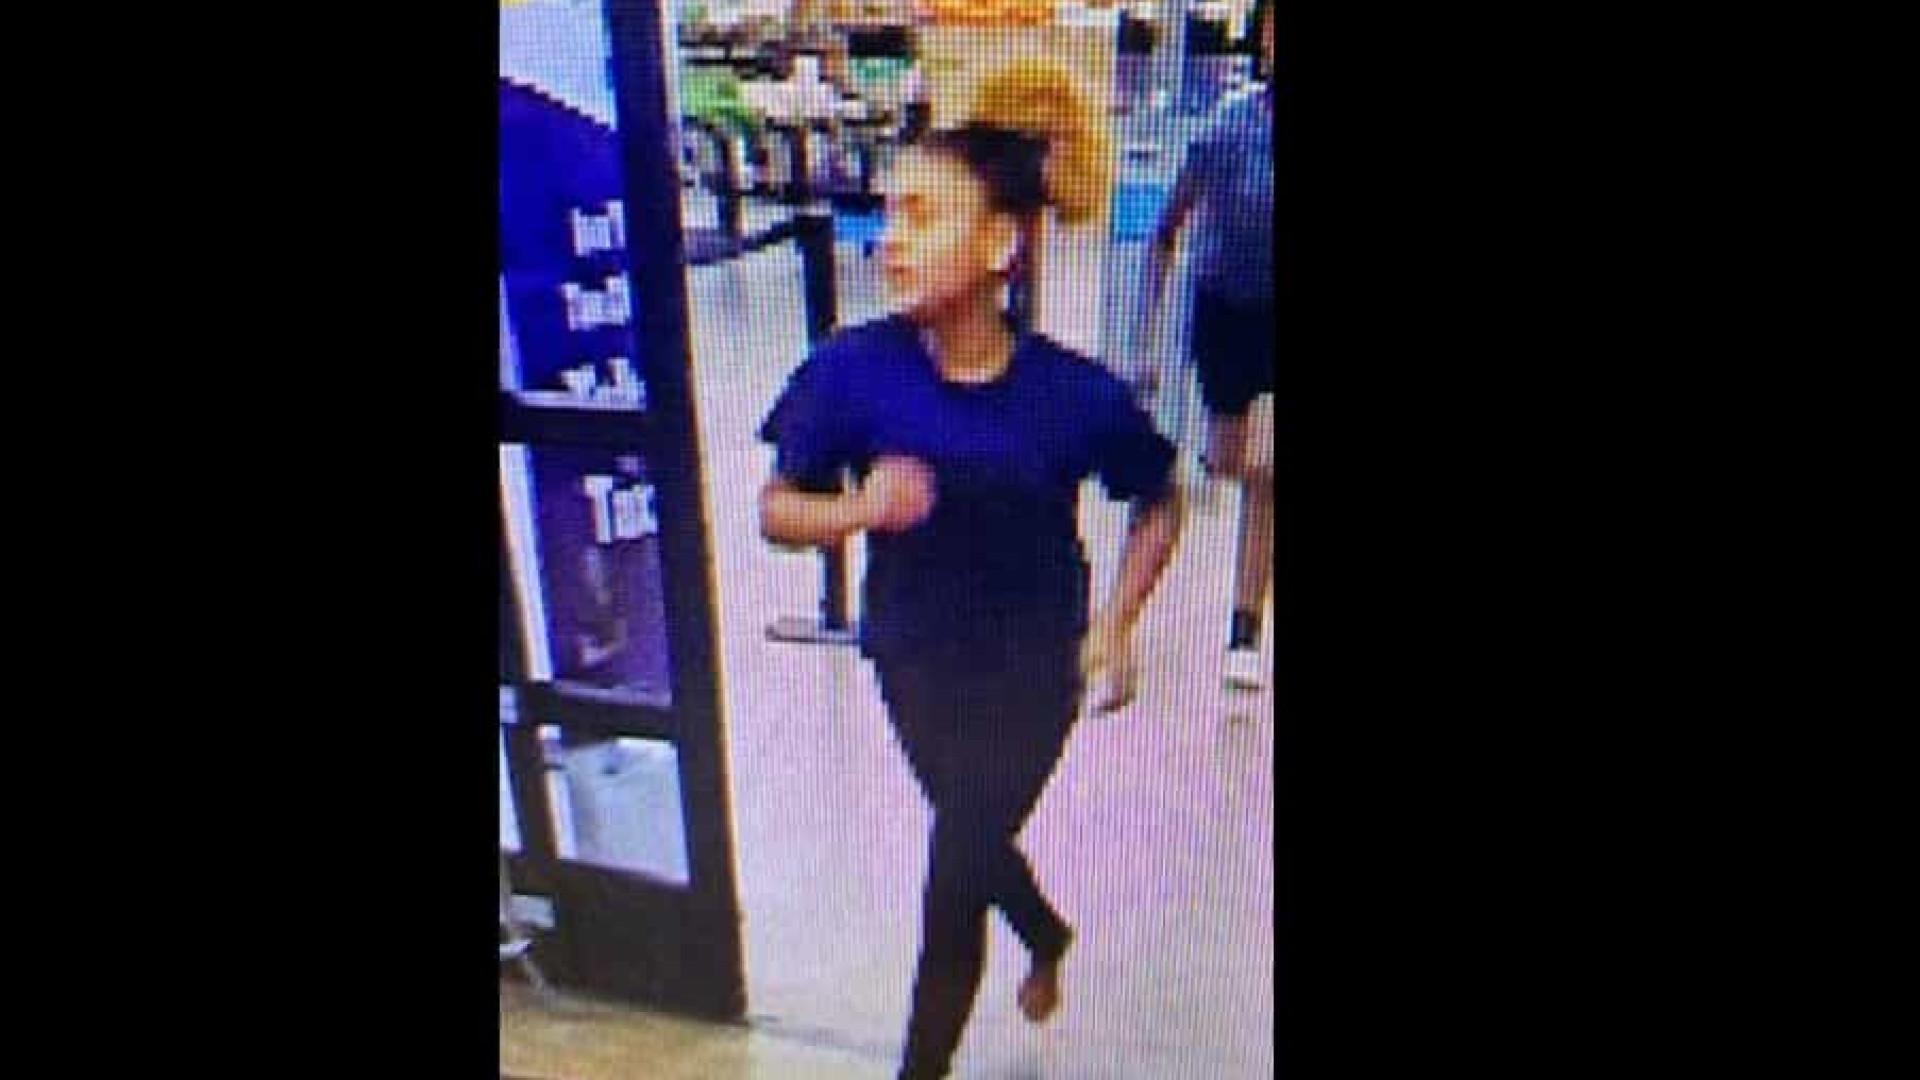 Jovem de 15 anos é esfaqueada em supermercado por outra menor de idade